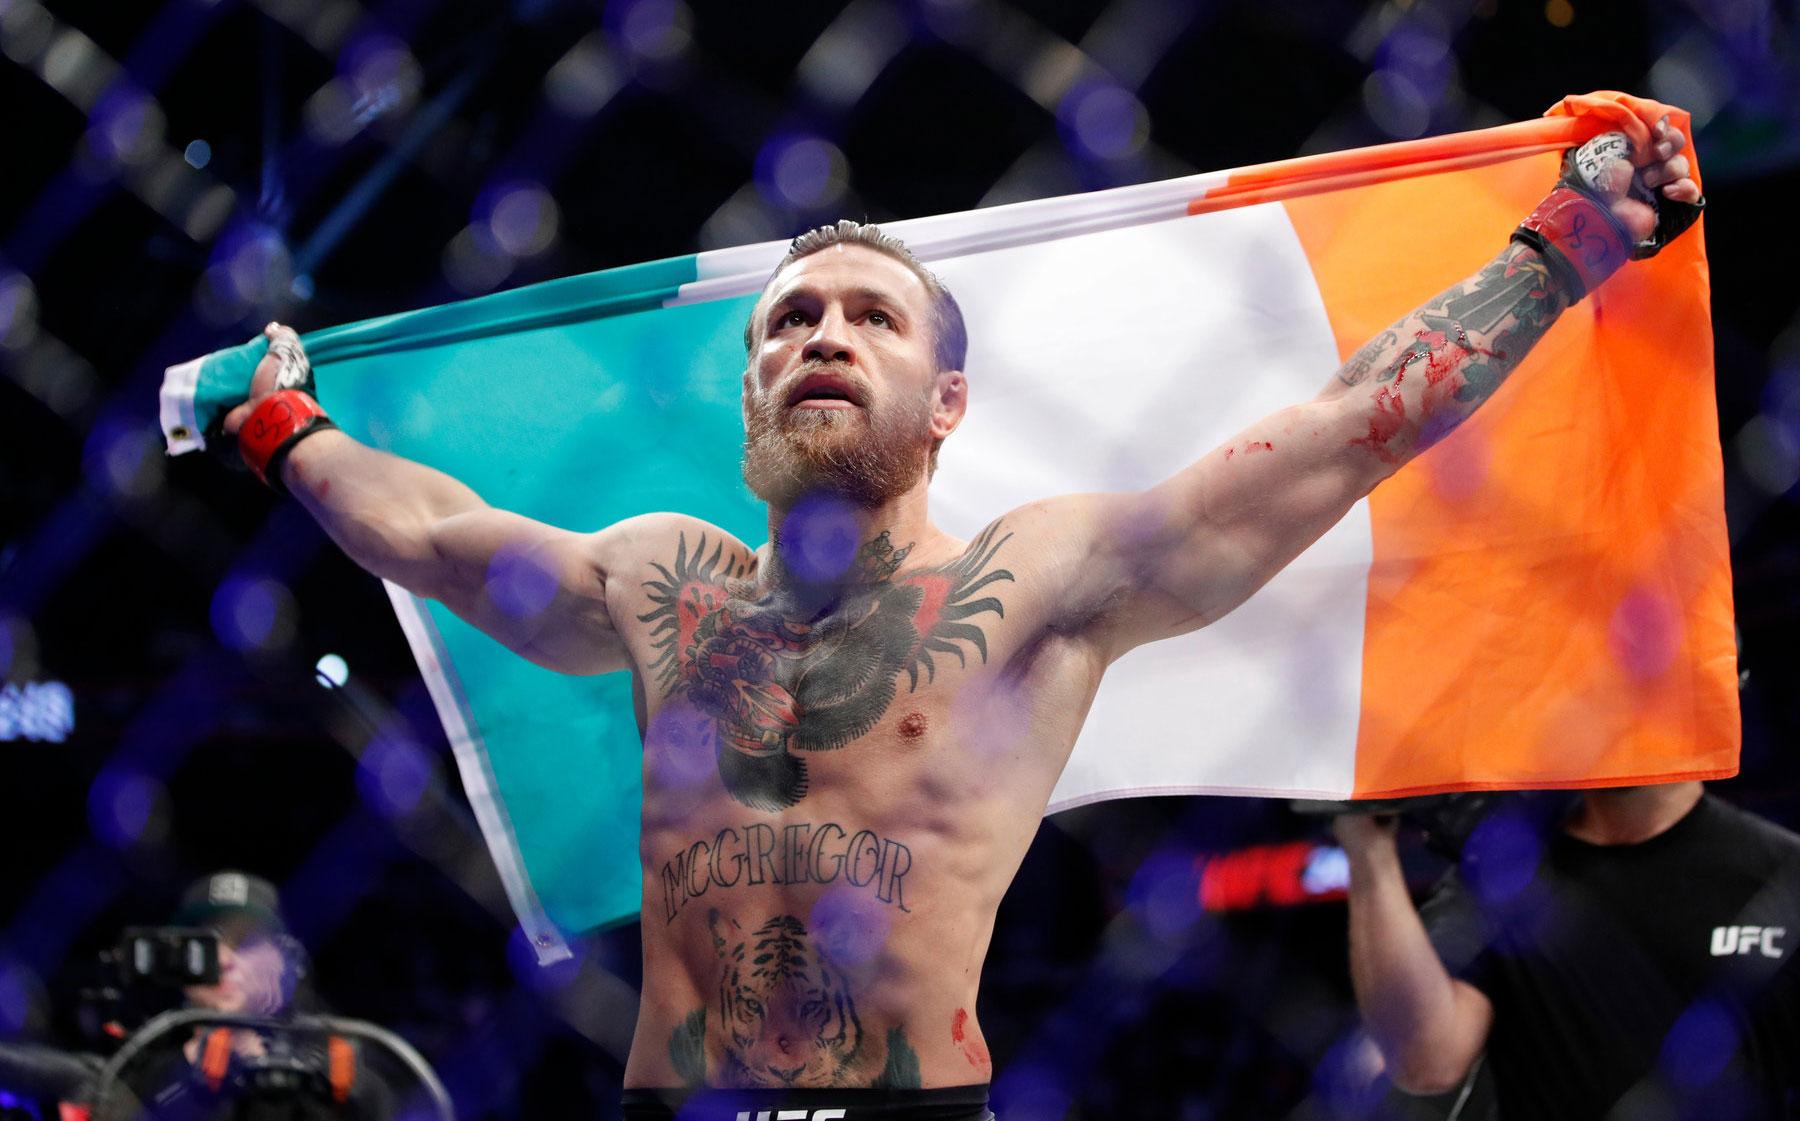 McGregor dona un millón de euros para material de protección contra coronavirus